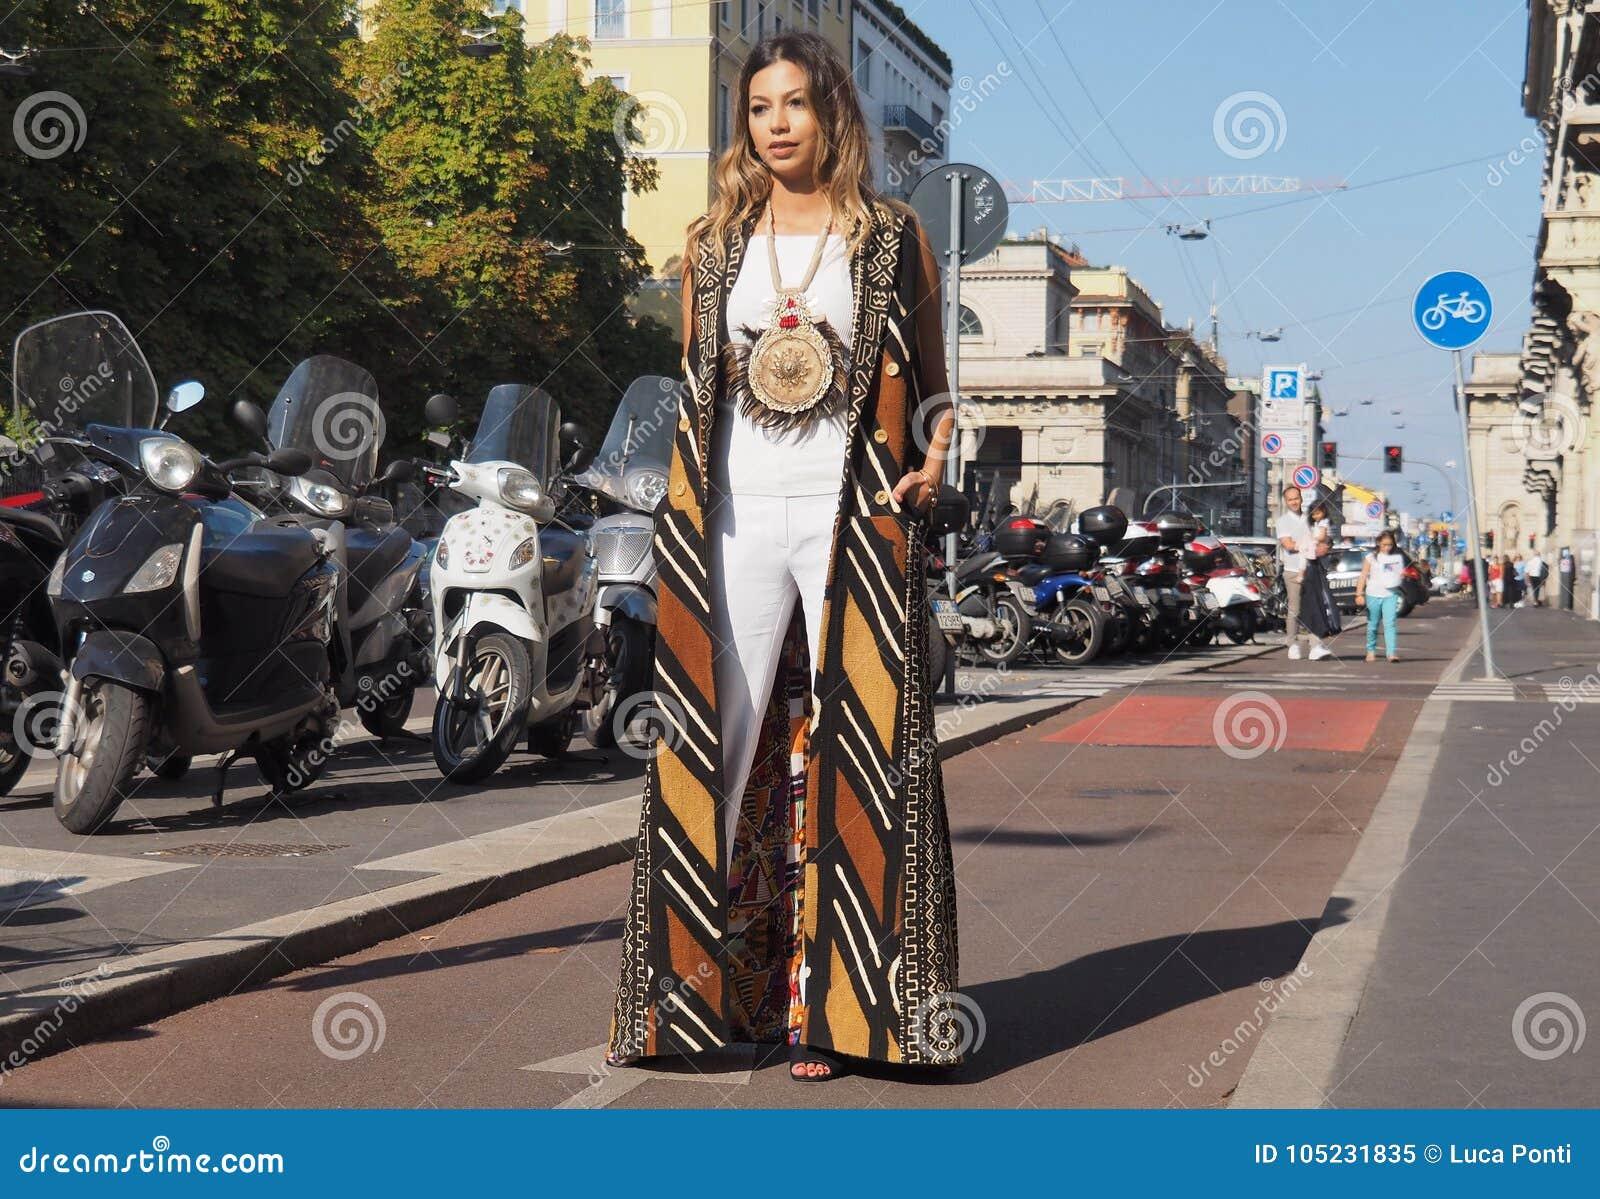 newest addb8 10cd8 MILÁN, ITALIA - 24 DE SEPTIEMBRE DE 2016: La Mujer De Moda ...